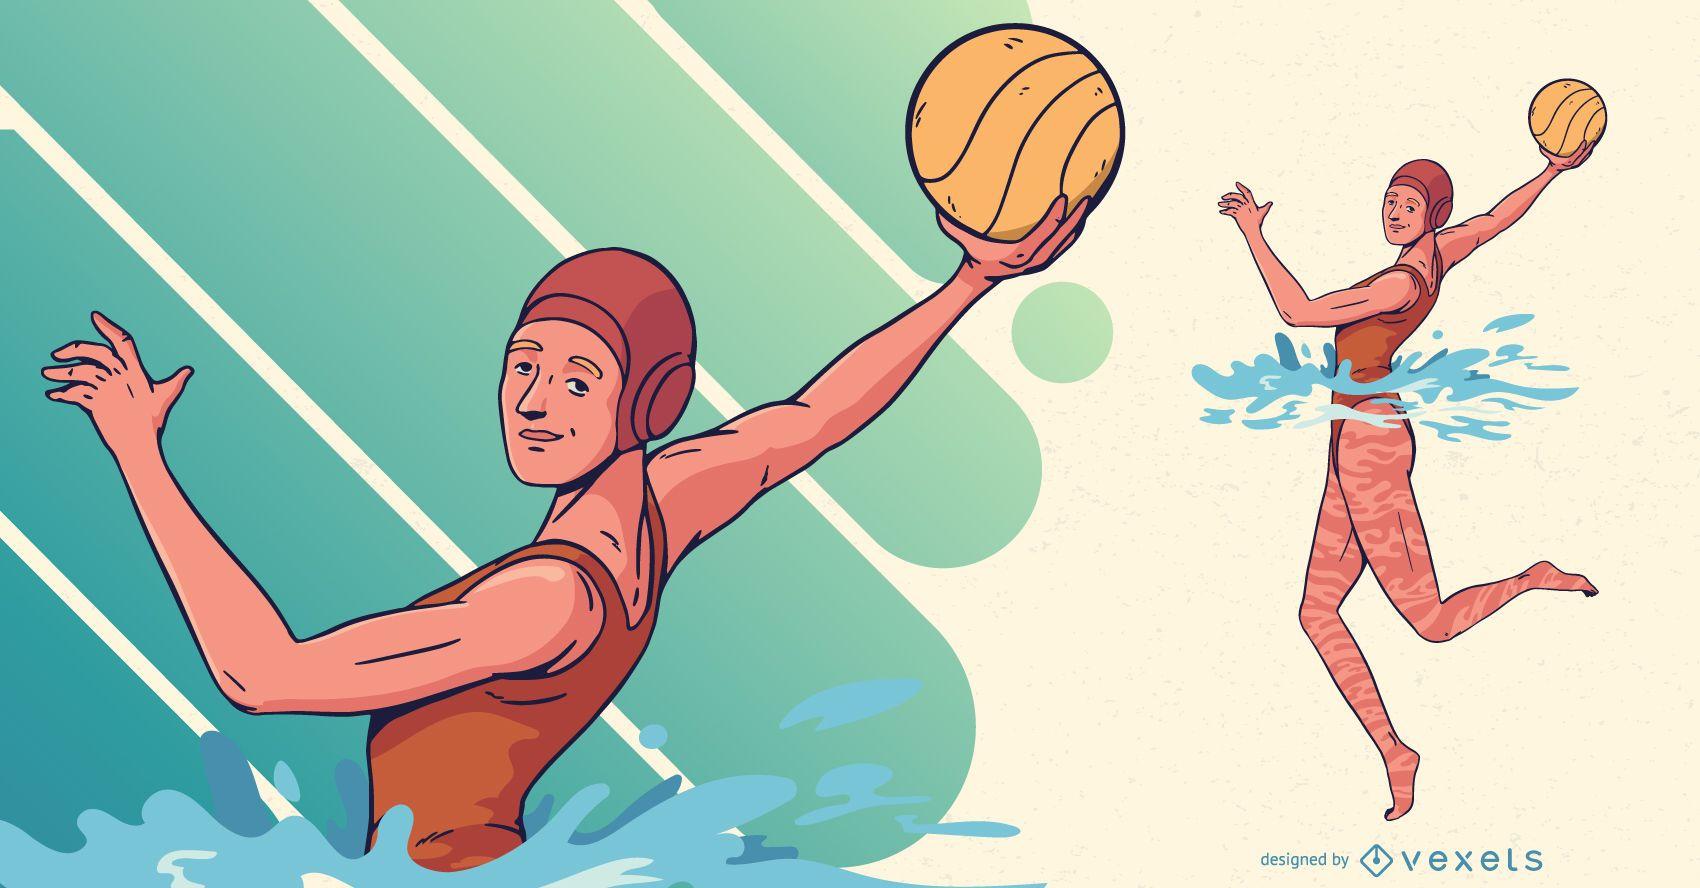 Ilustración de deportes de jugadora de waterpolo